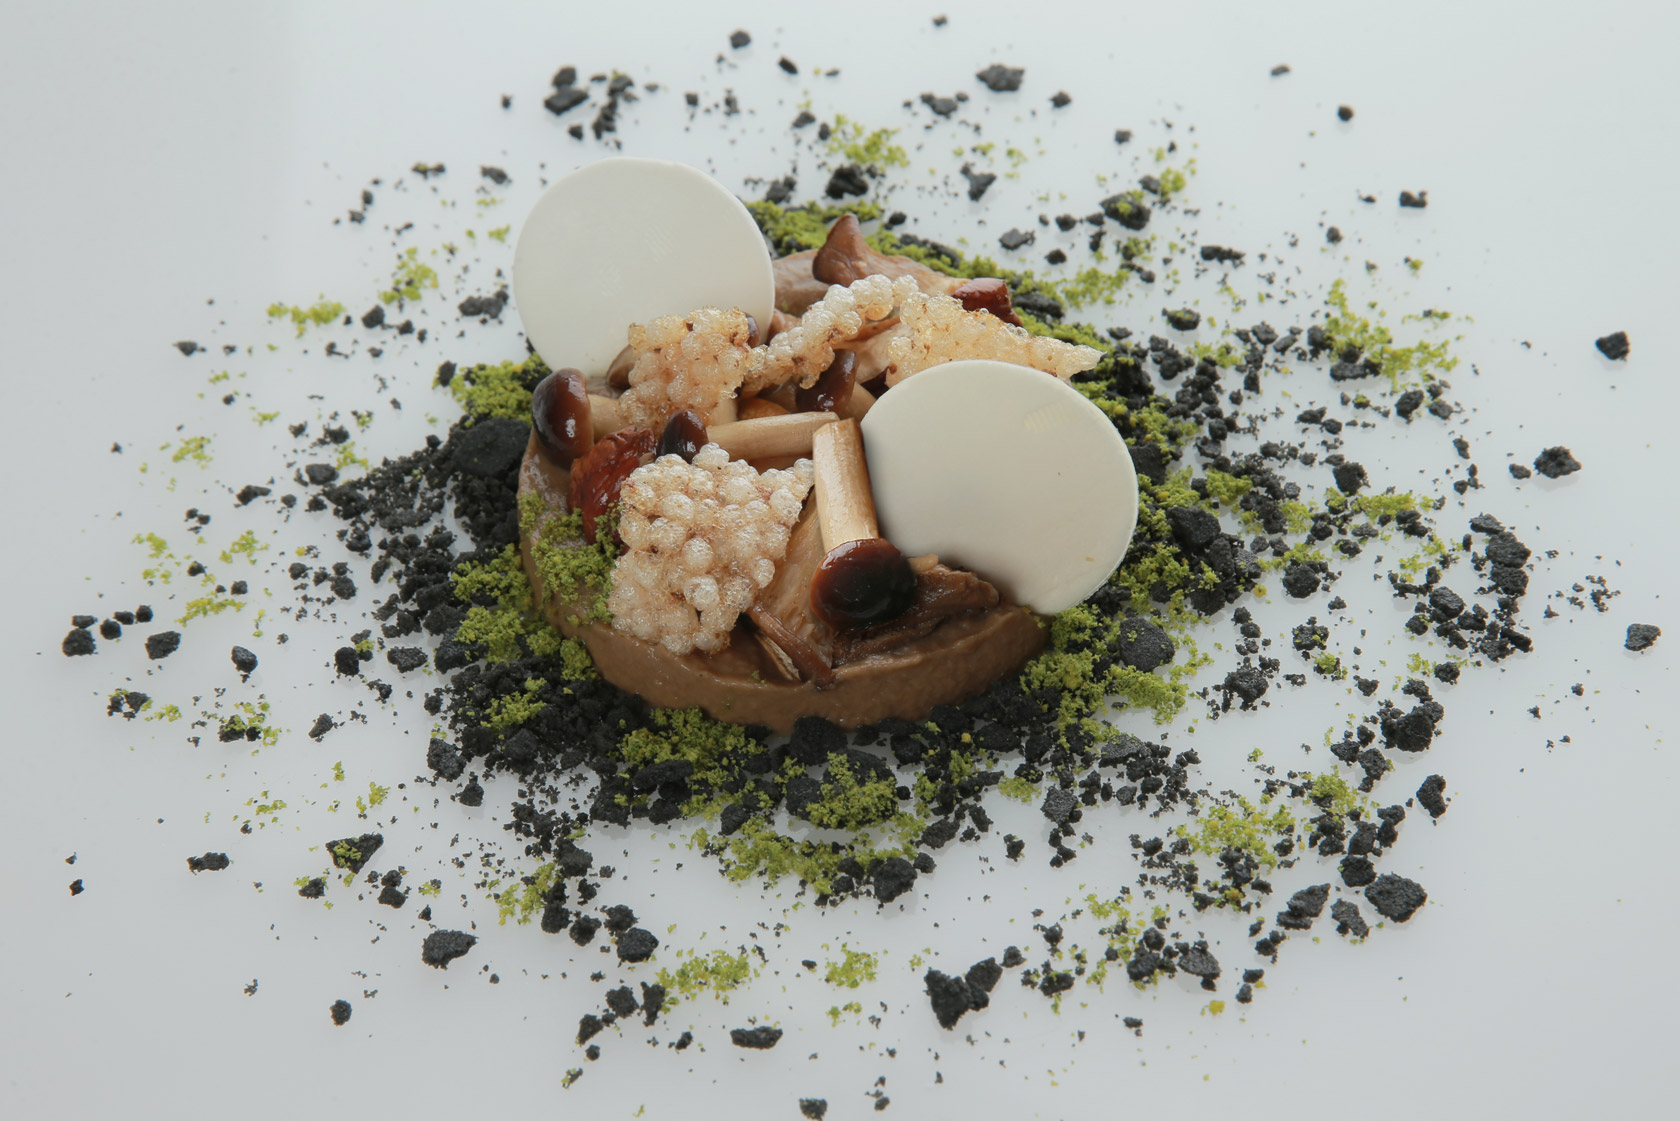 arnolfo_gaetano-trovato-chef-architetture-vegetali-7